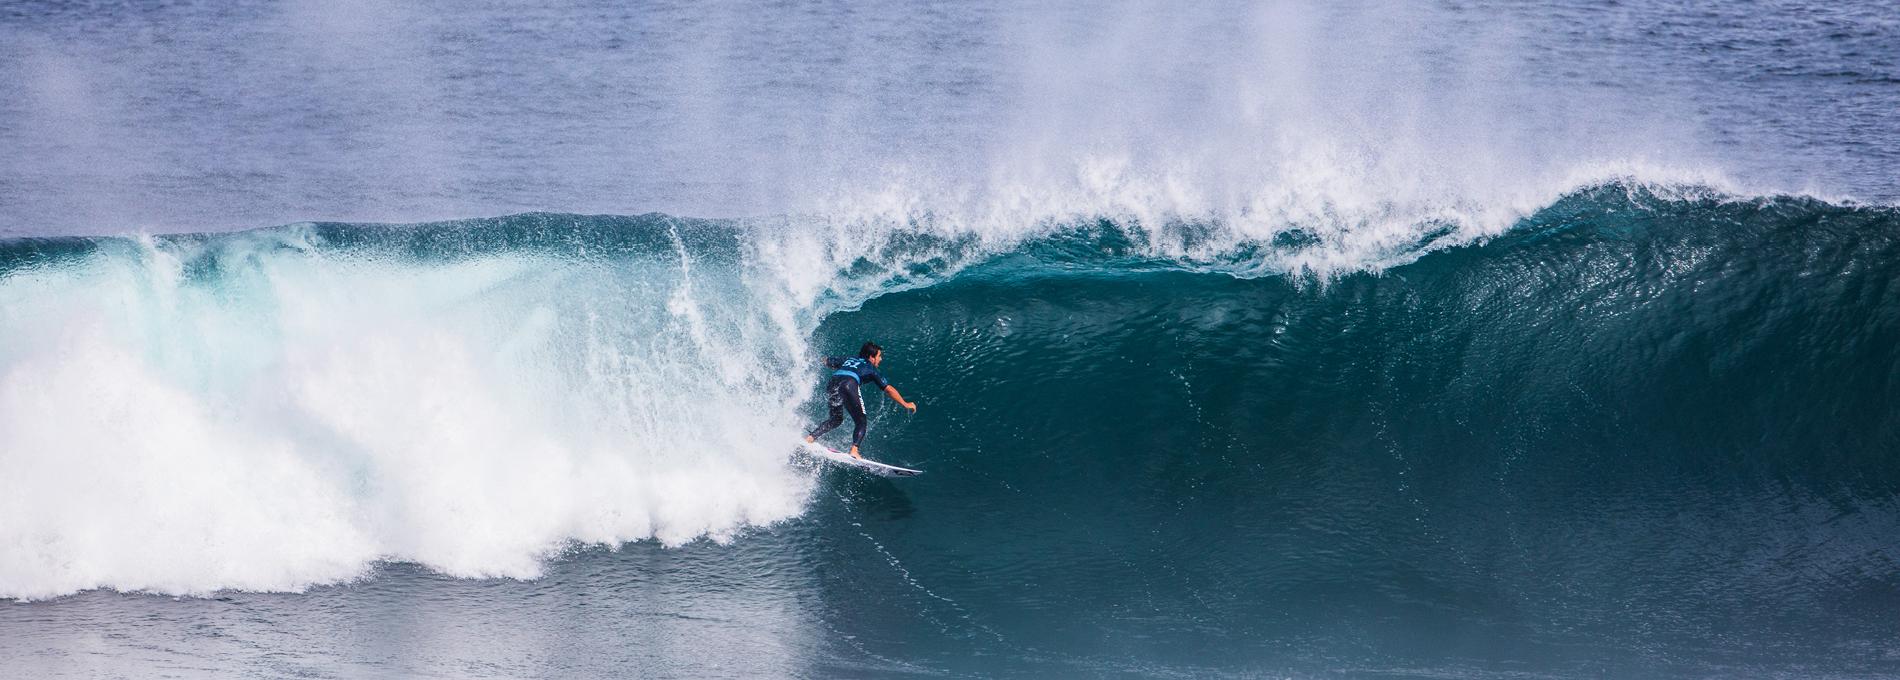 Circuito Mundial De Surf : Surfistas brasileiros são acusados de provocar o cancelamento de